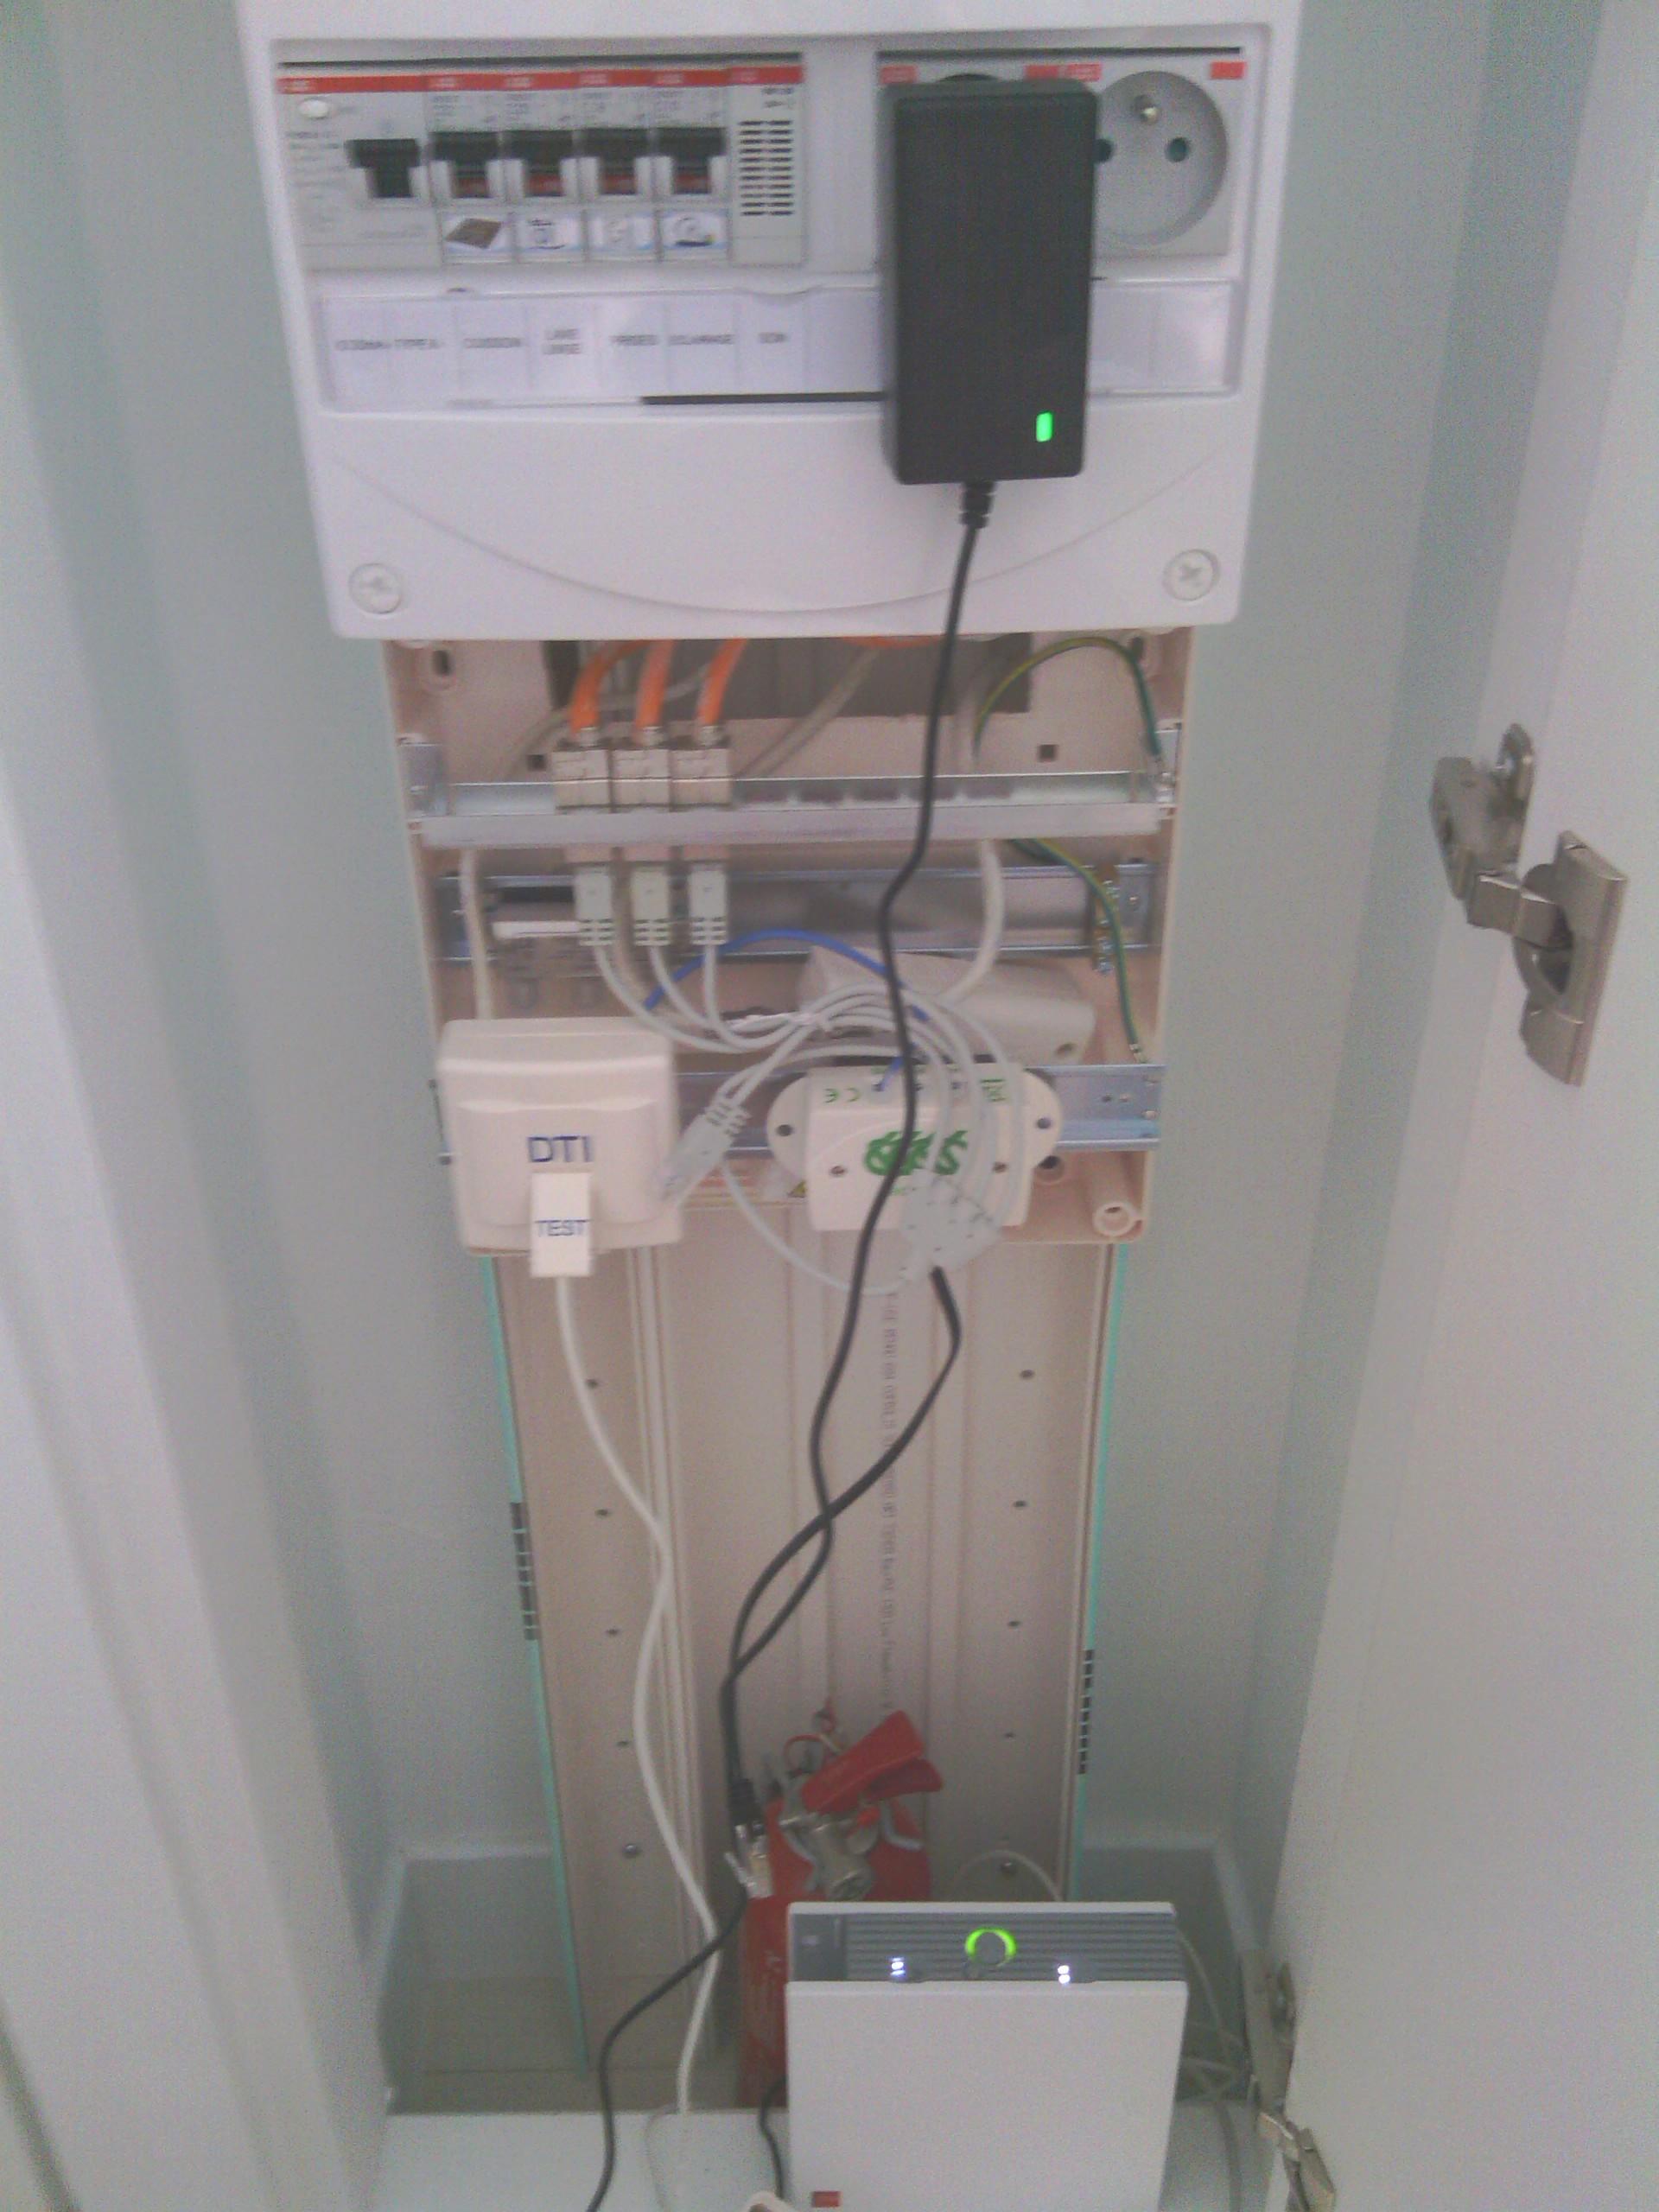 R solu boitier dti probl me de connexion le forum for Boitier exterieur france telecom